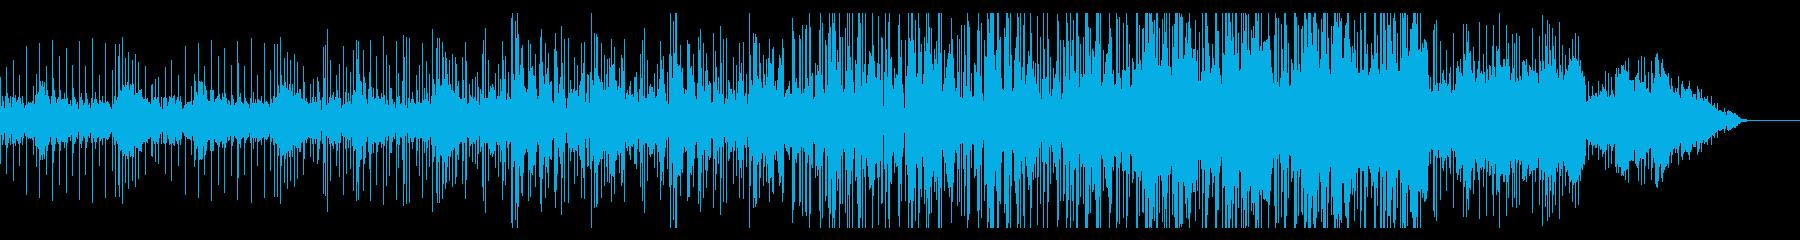 不気味で緊迫感のあるエレクトロニカの再生済みの波形